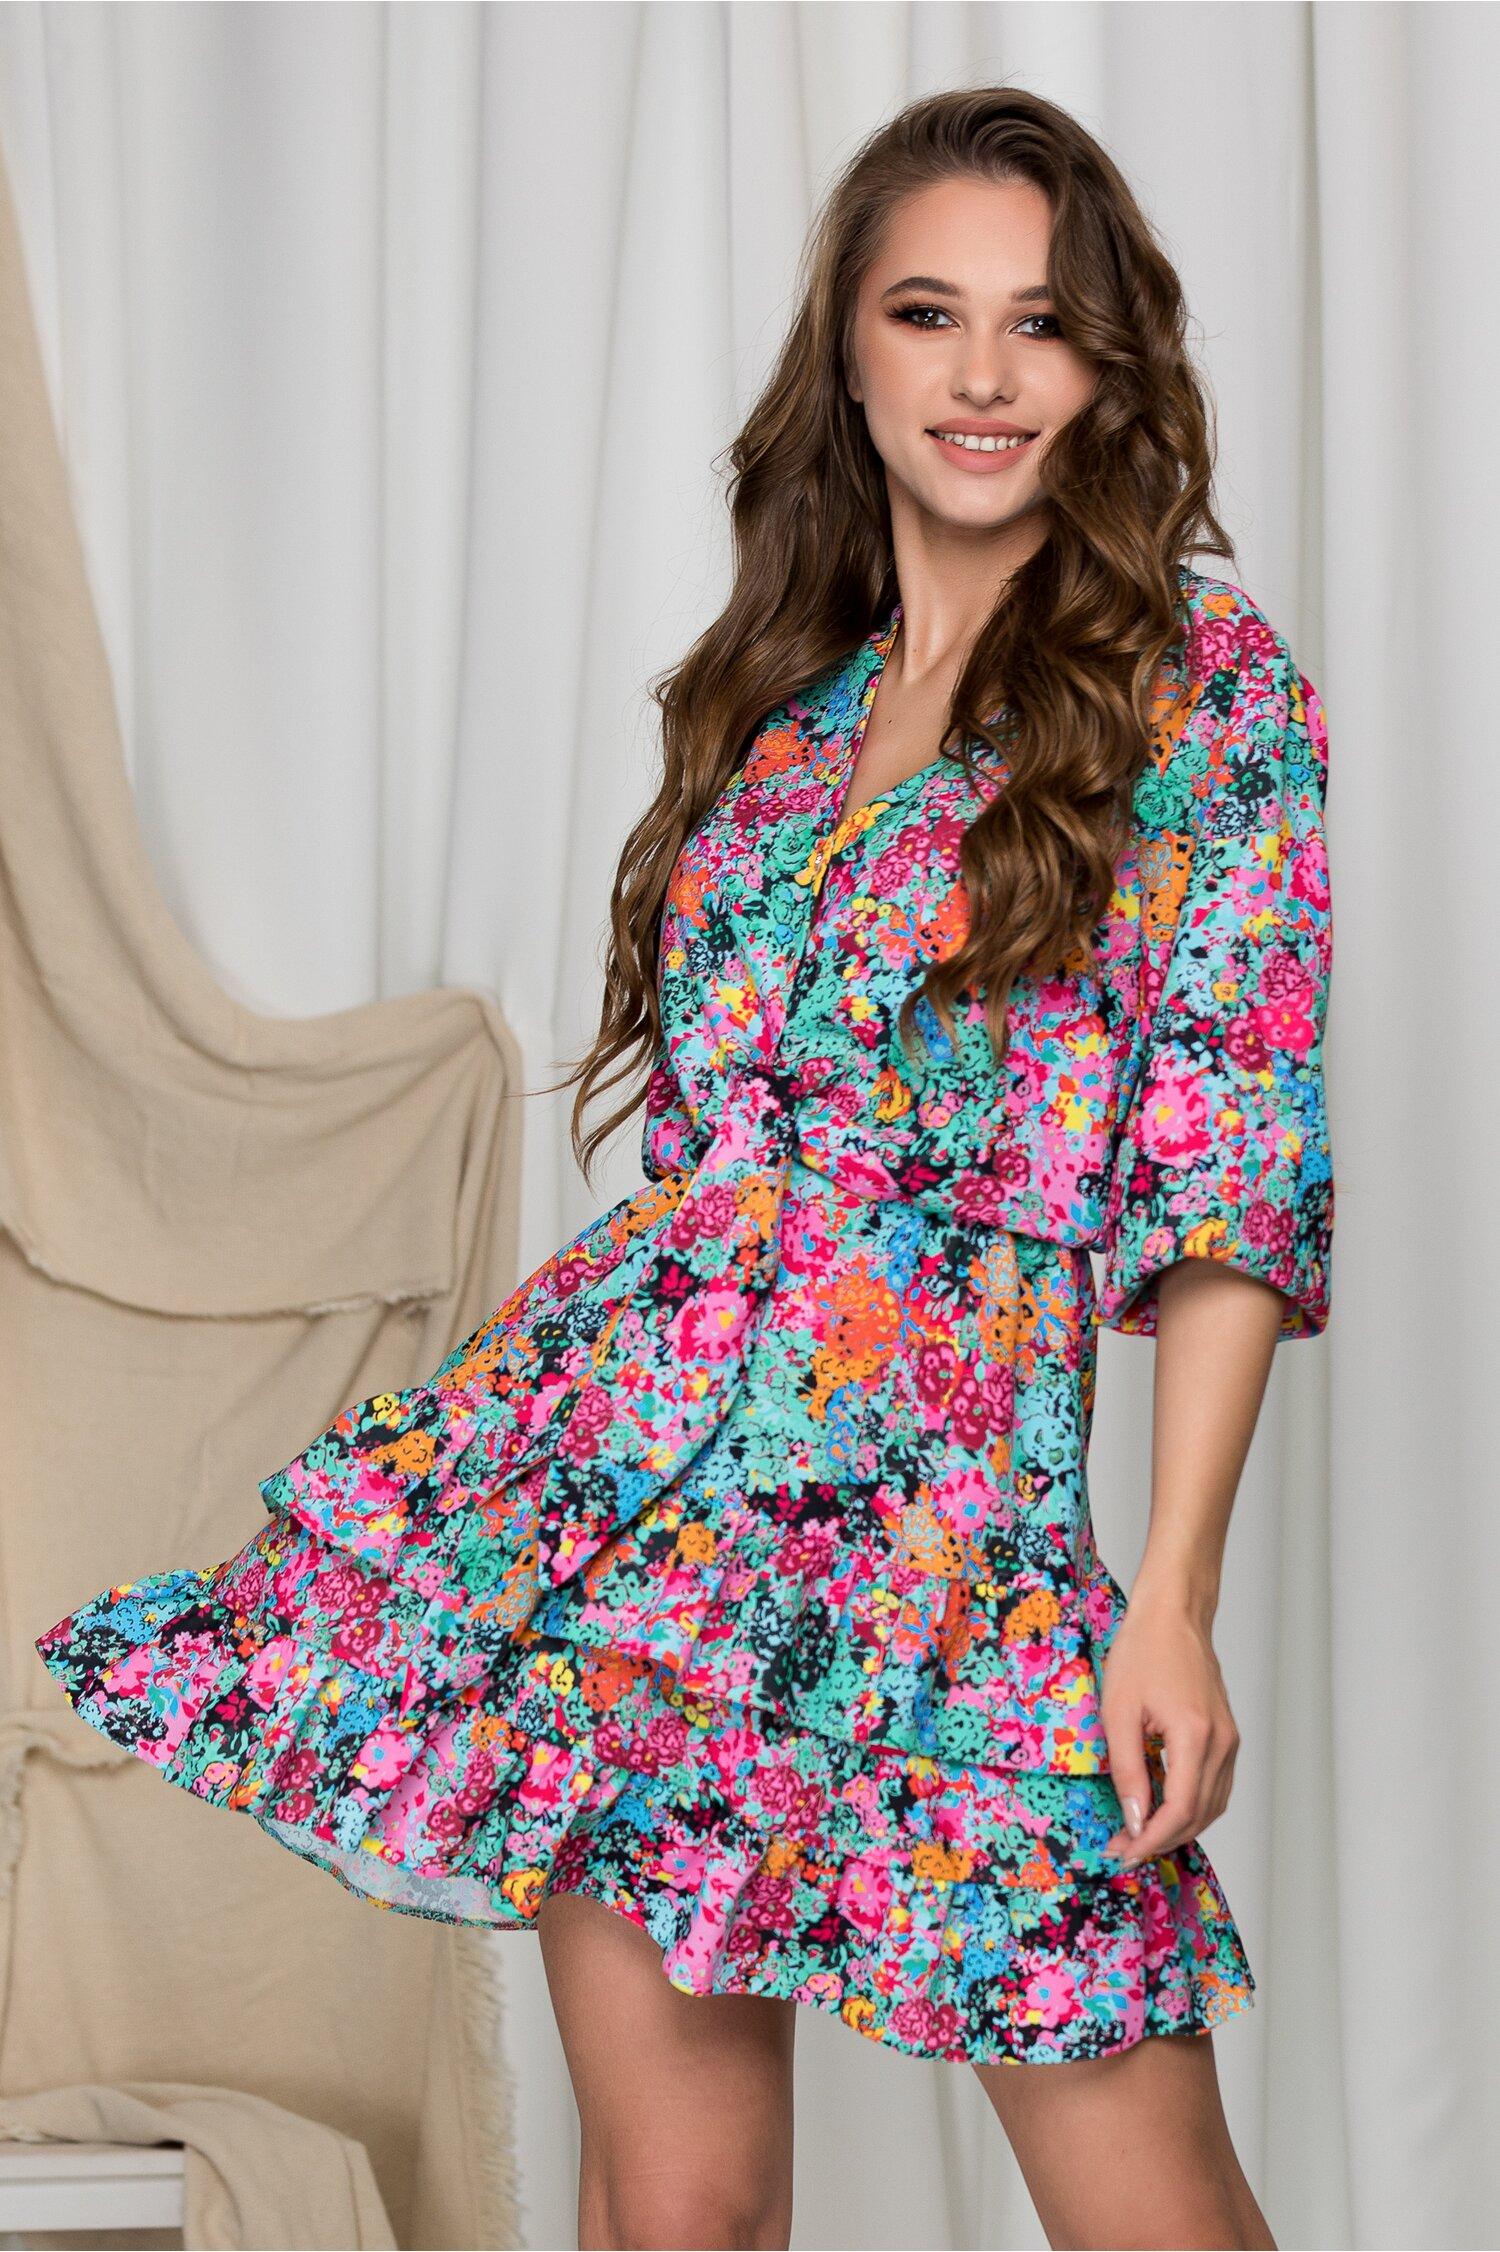 Rochie Lara cu imprimeuri multicolore si volane pe fusta imagine dyfashion.ro 2021